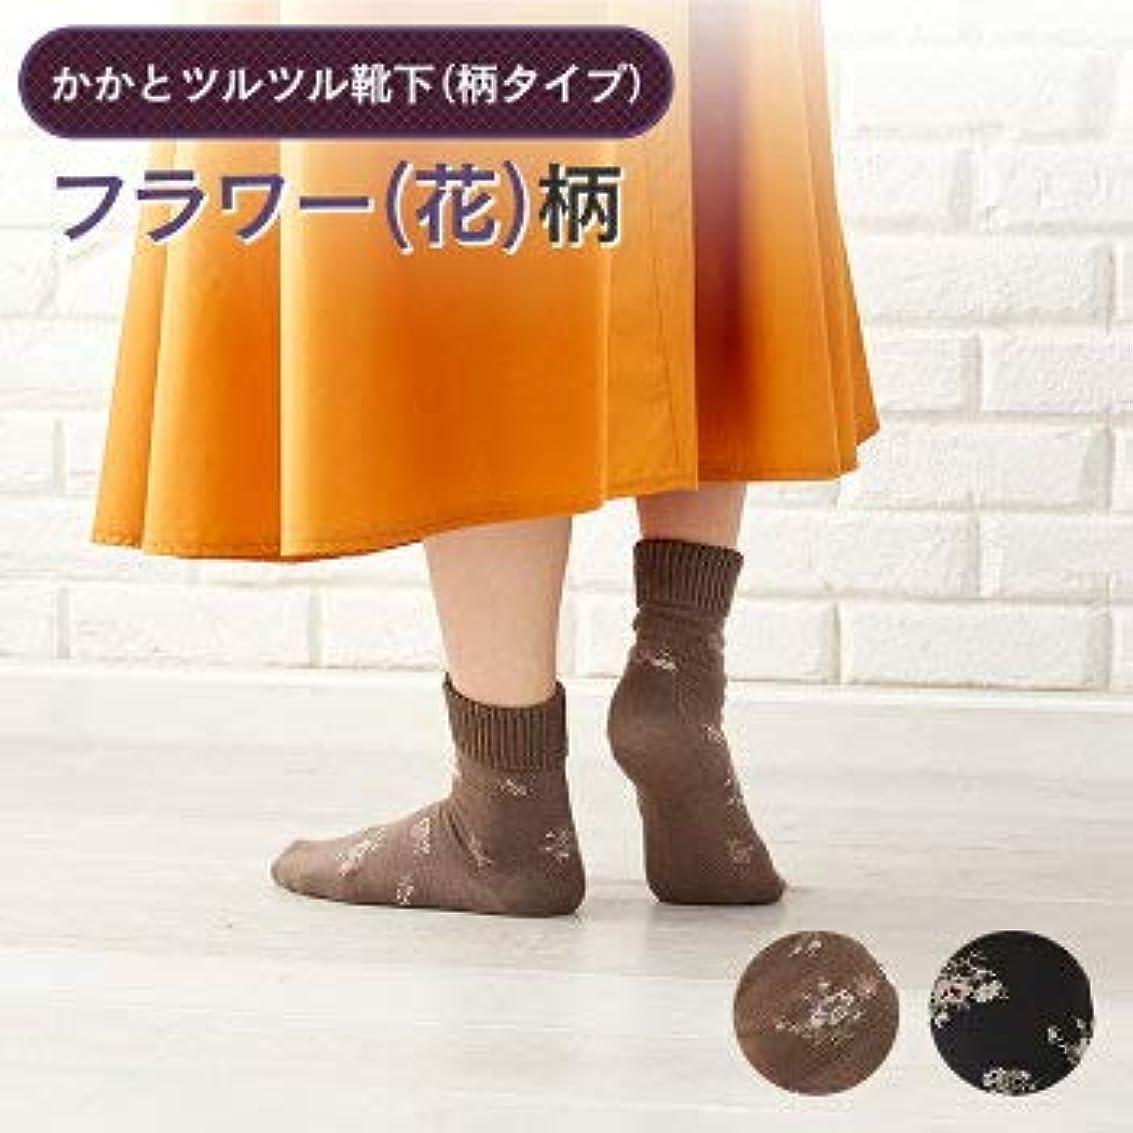 崇拝します廃棄不十分かかと 角質ケア ひび割れ対策 かかとツルツル靴下 花柄 ブラウン 23-25cm 太陽ニット 744